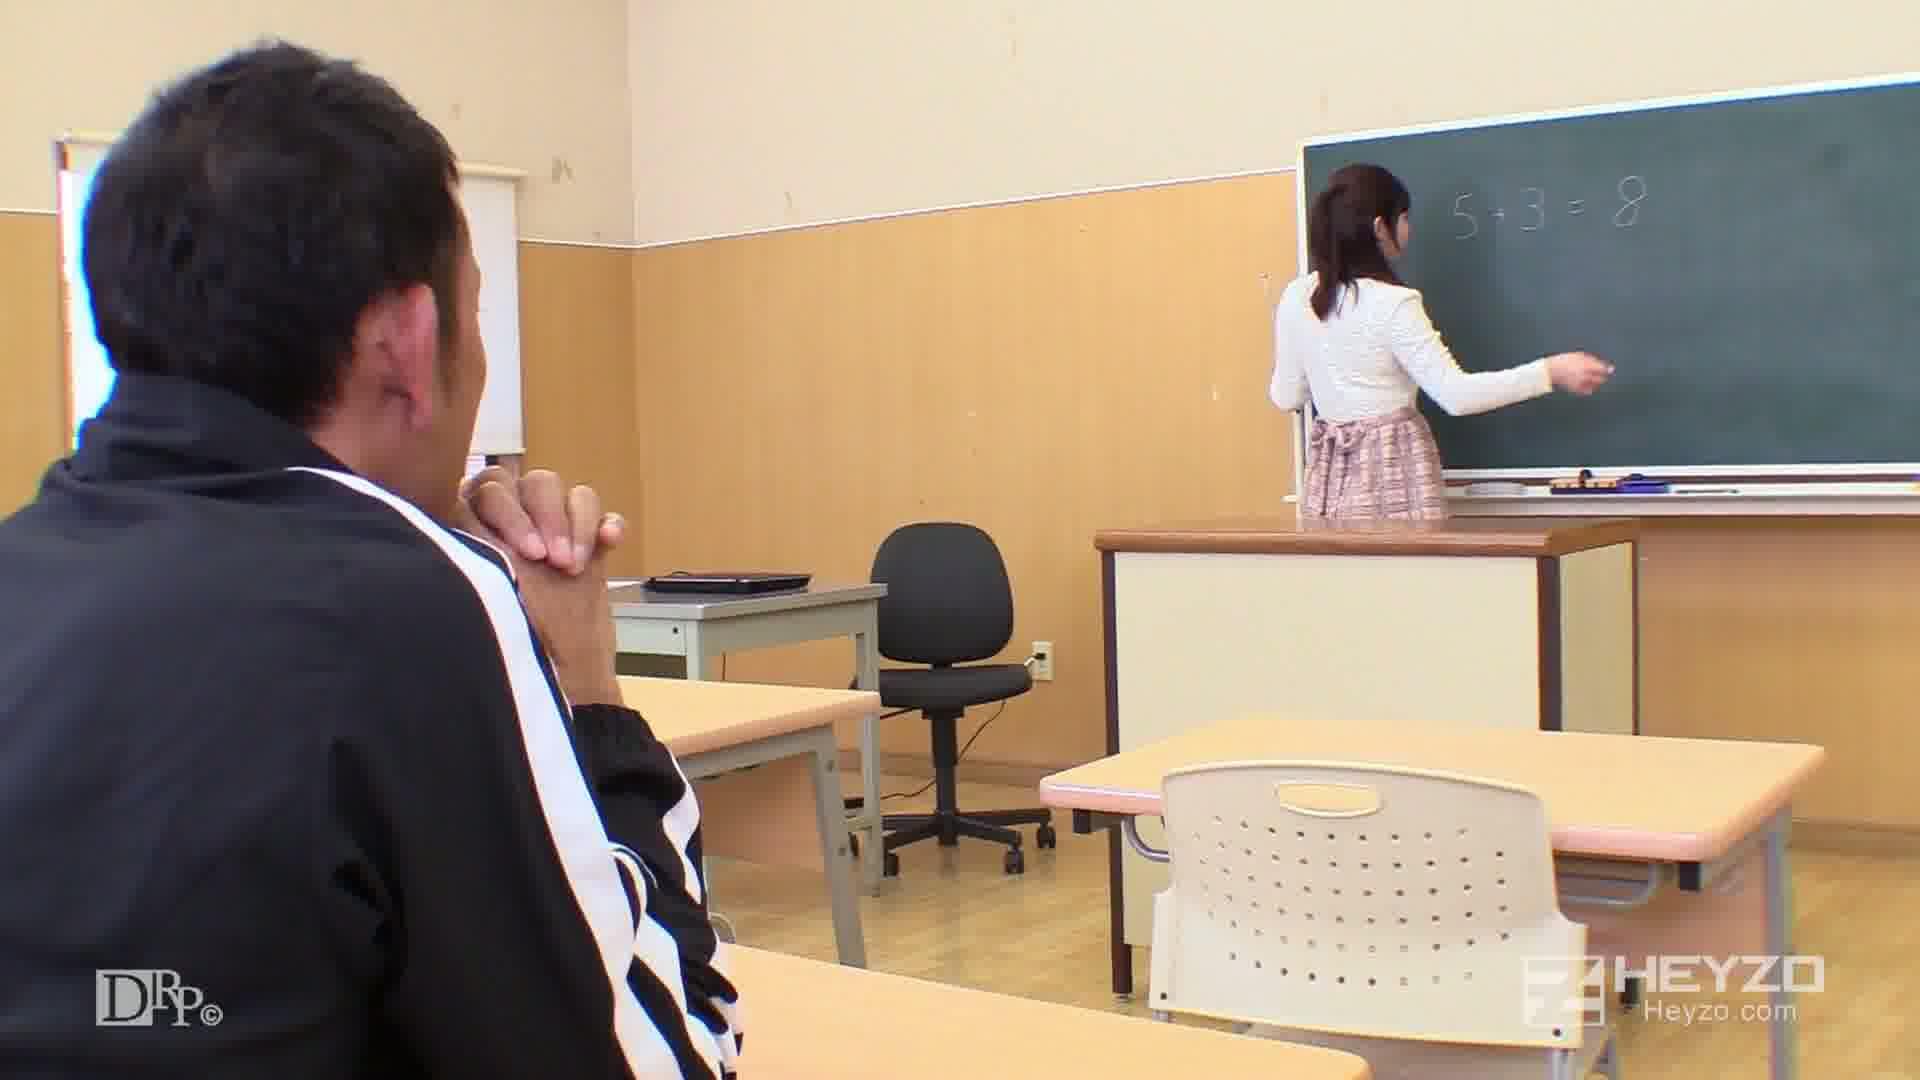 涼花先生が何でも教えてアゲル! - 桜井涼花【授業風景 オナニー 】